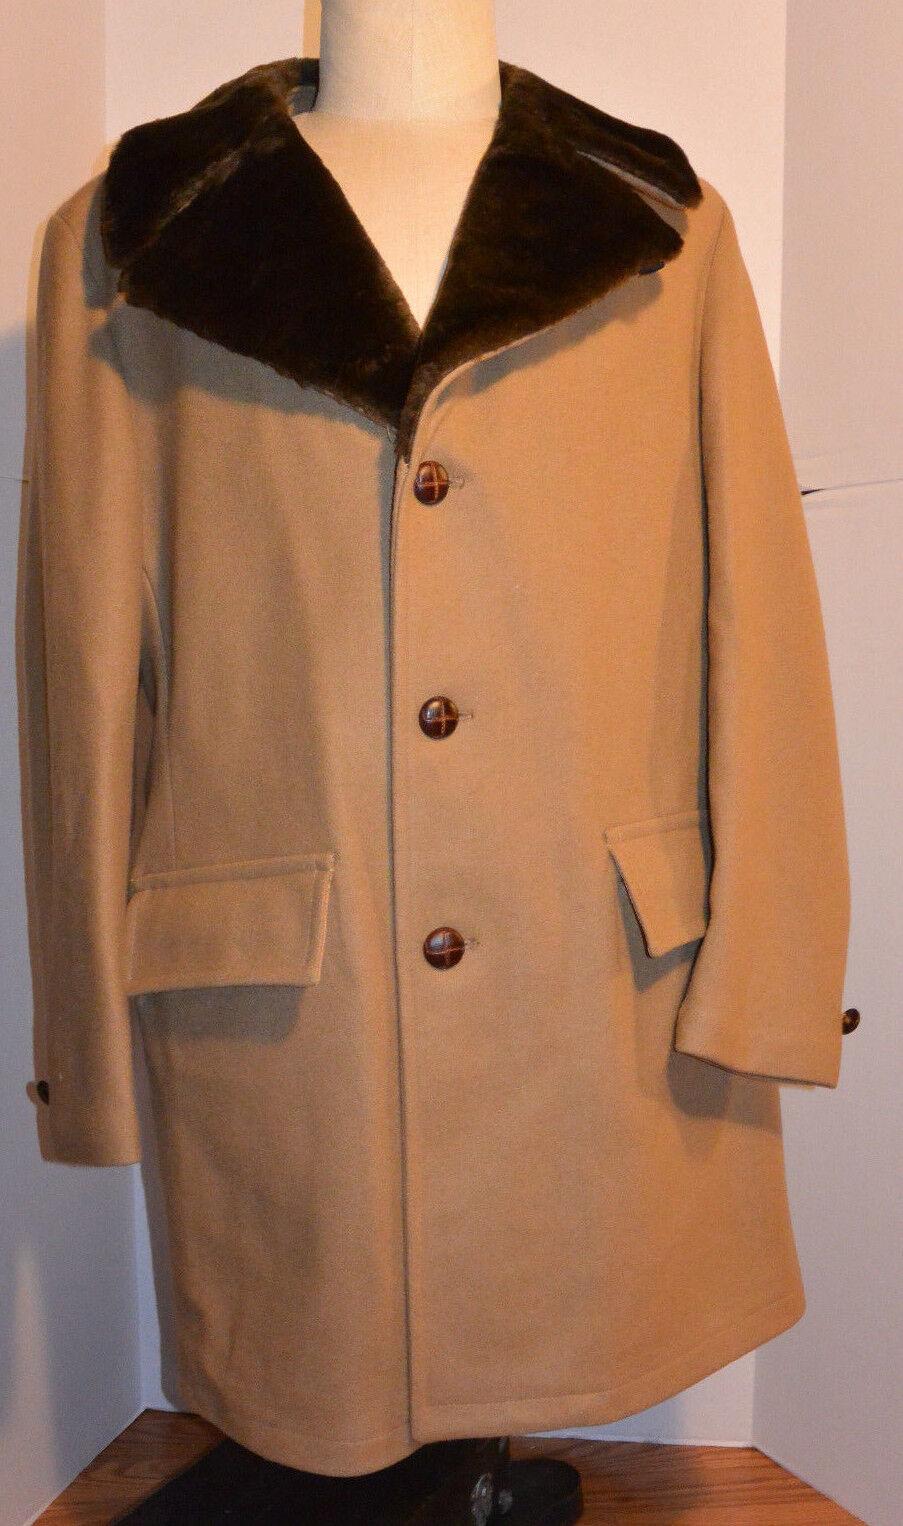 Classico Da Uomo Misto Lana Suit Cappotto Griglia Griglia Griglia British Slim Fit Giacca Bavero Pulsante NUOVO ece5fb